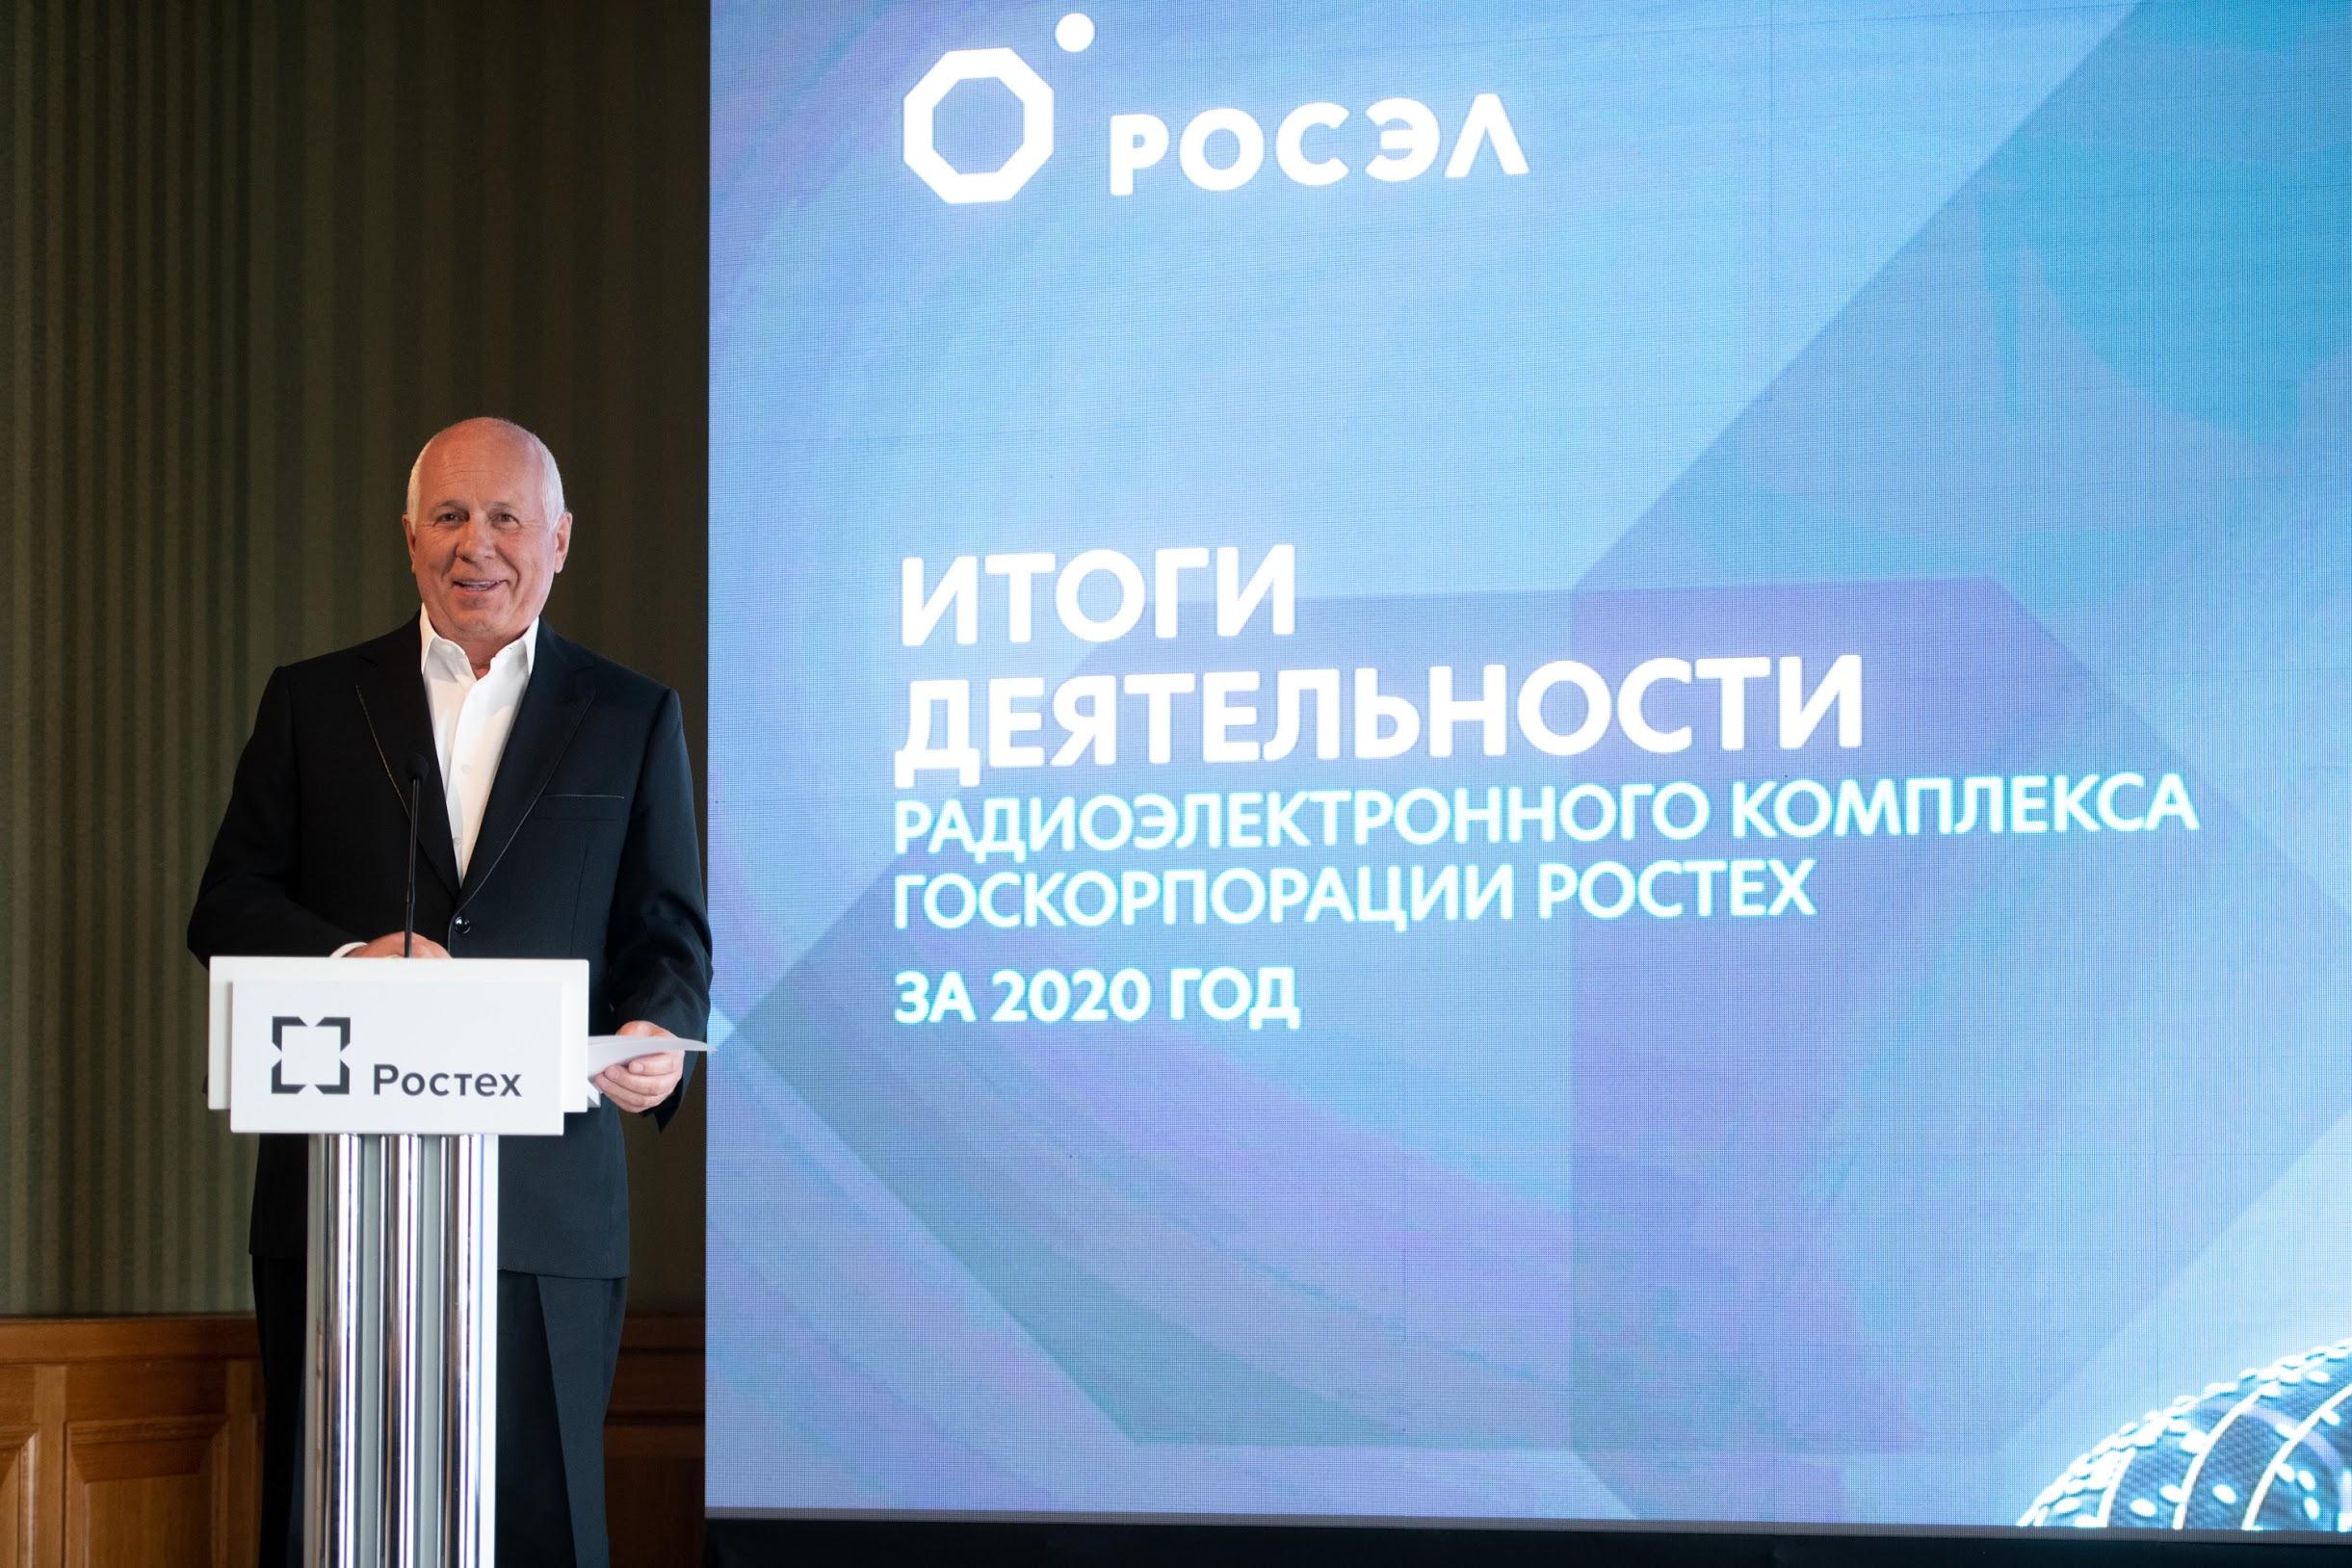 Sergey Chemezov CEO of Rostec